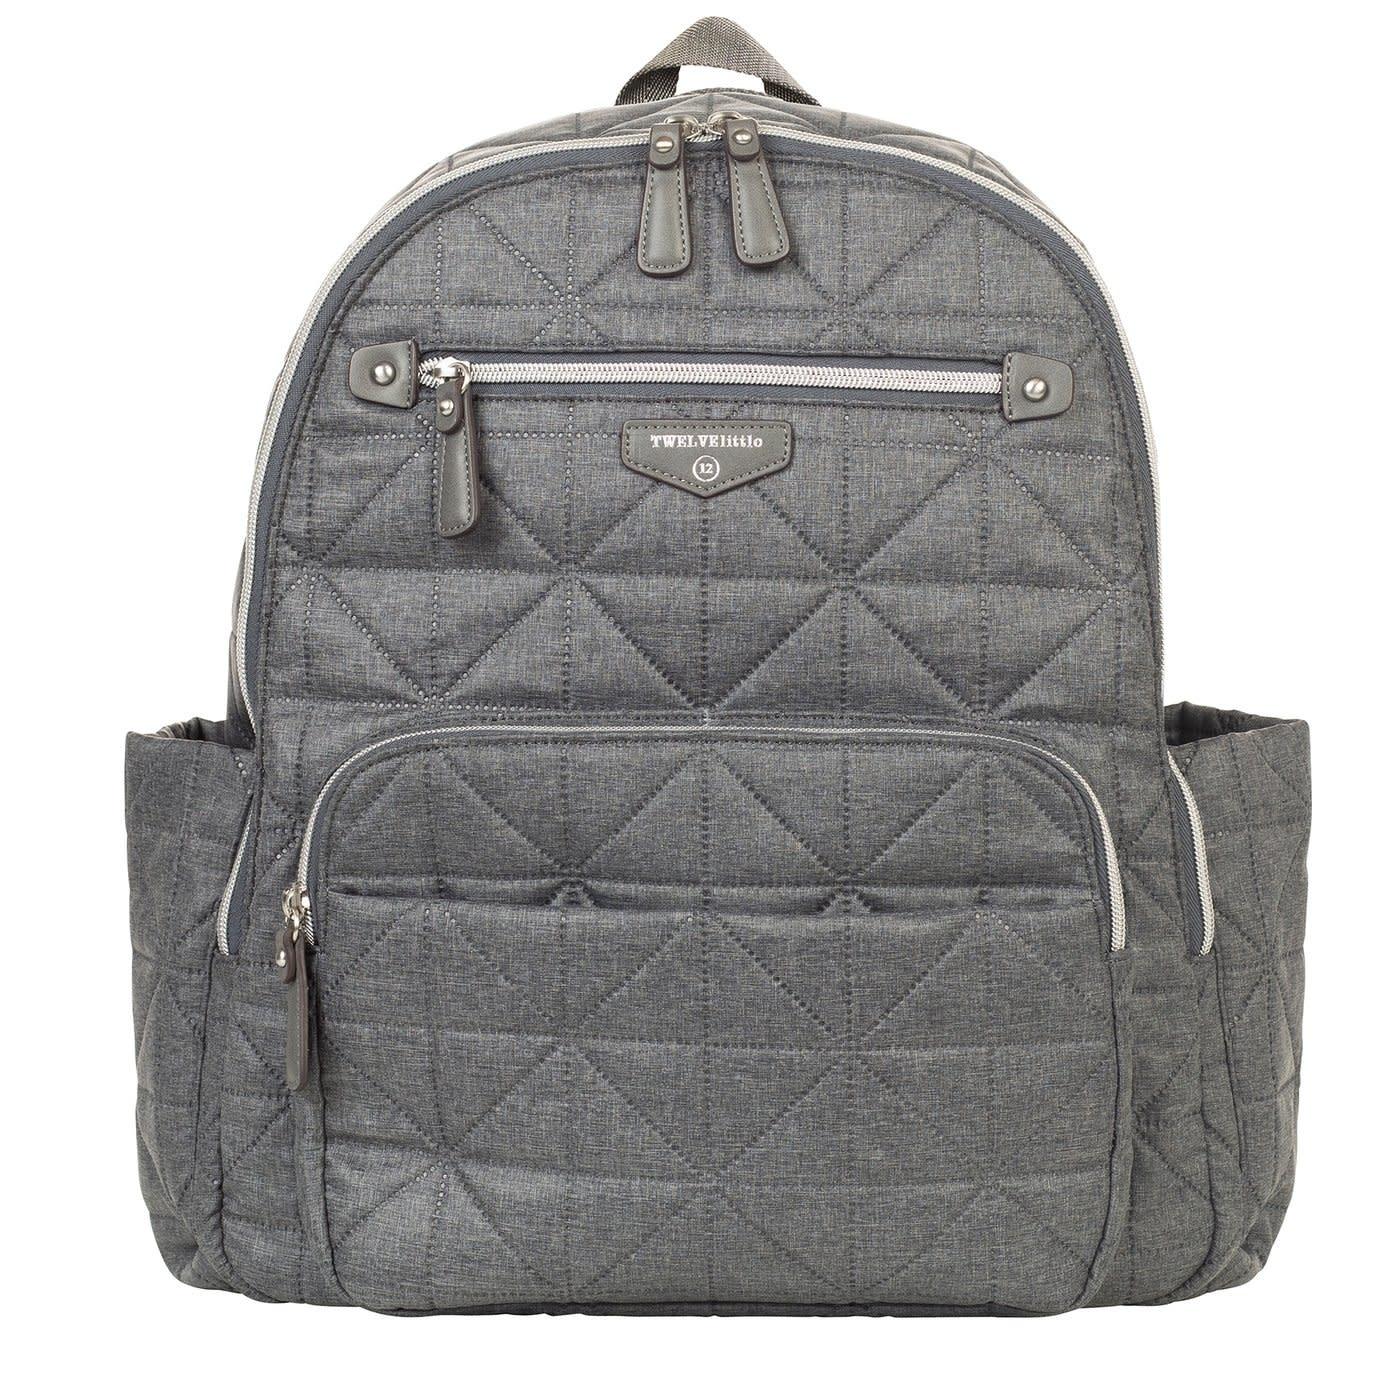 TWELVElittle Companion Backpack